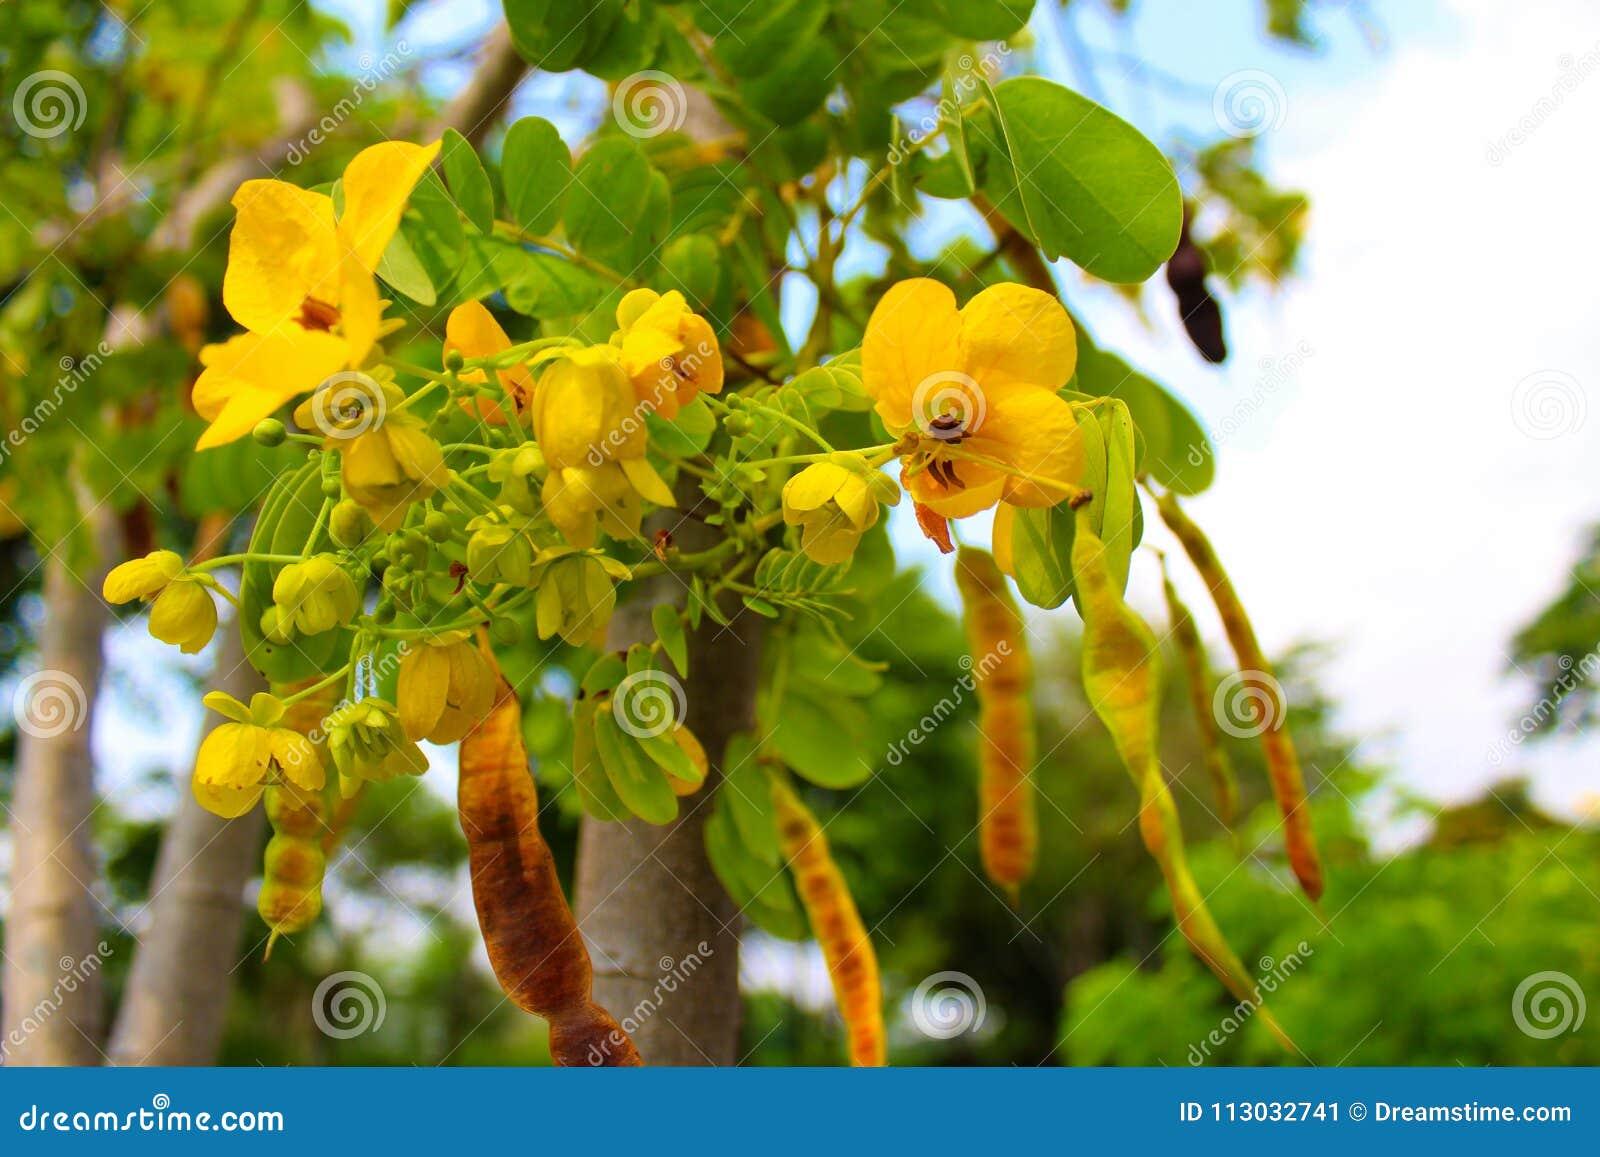 Flor amarilla en el parque de Lumpini en Bangkok, Tailandia